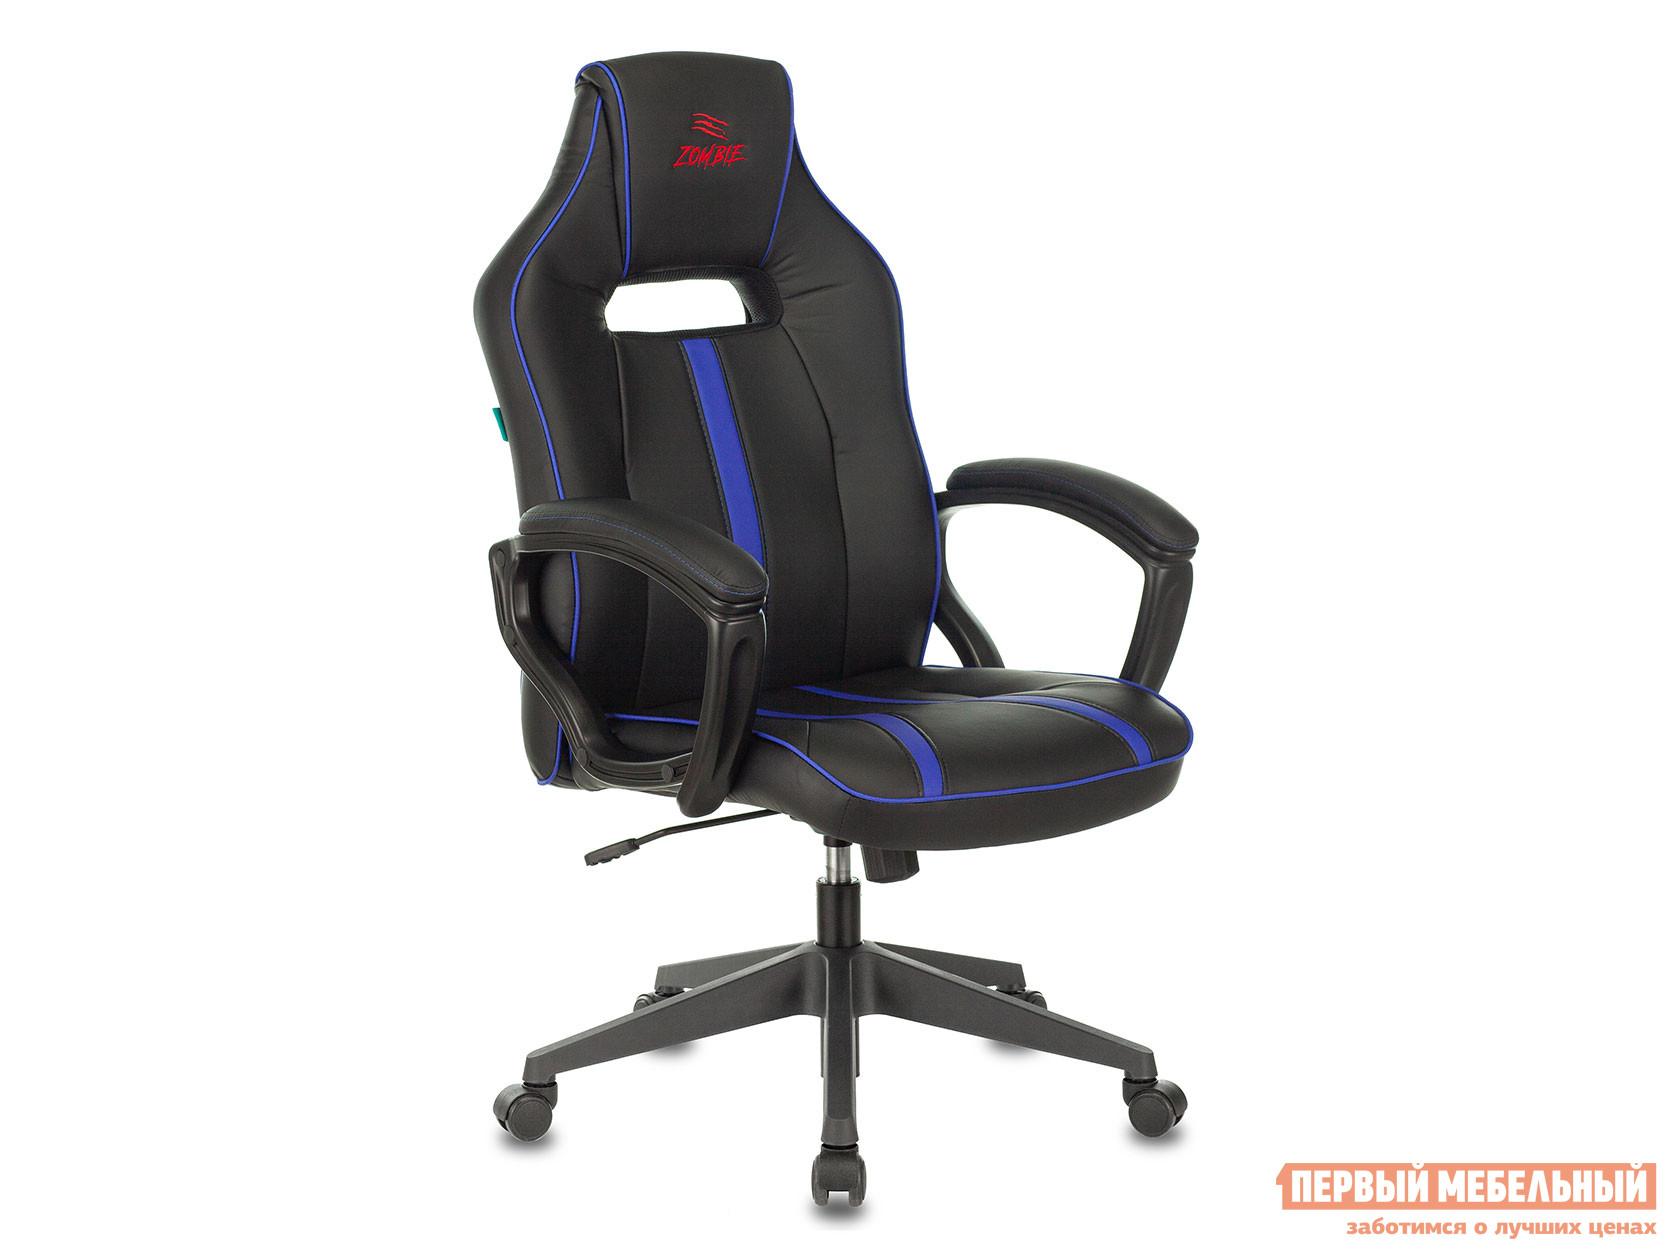 Игровое кресло  Кресло игровое Бюрократ VIKING ZOMBIE A3 Черный / Синий экокожа.